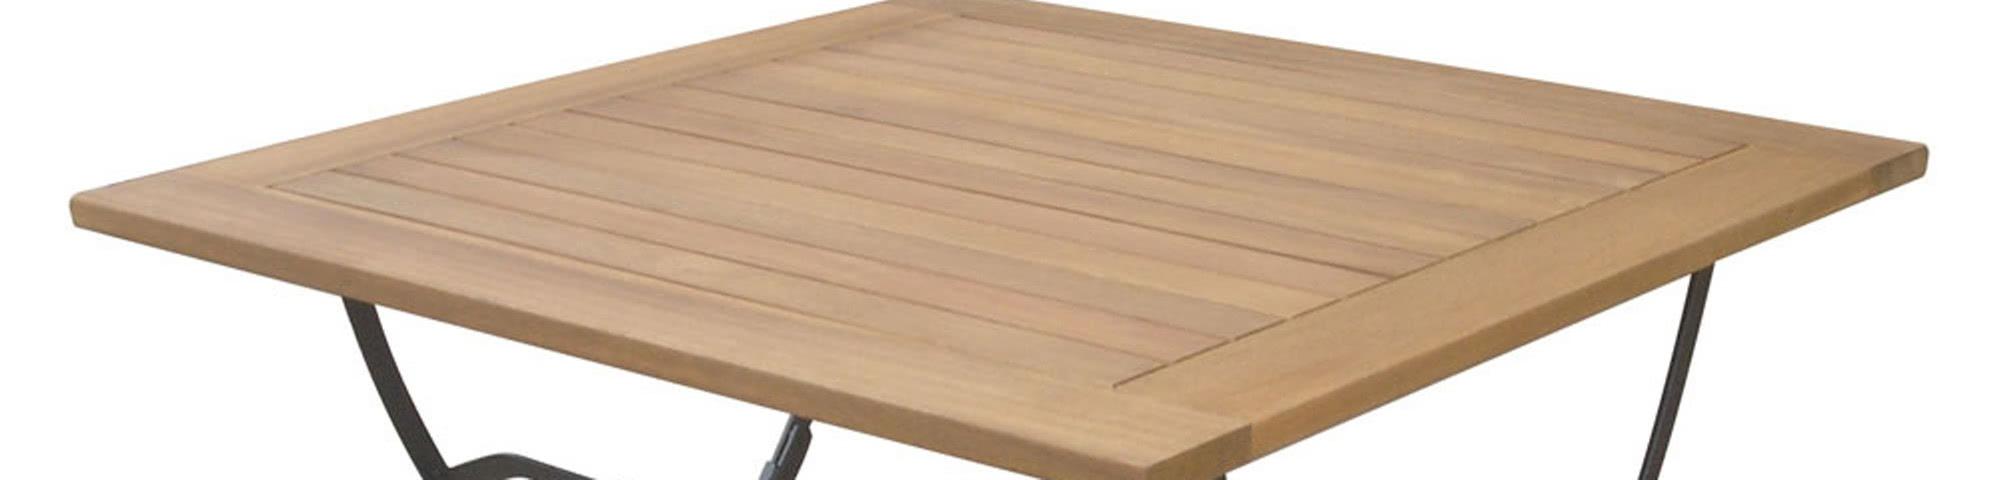 Tischplatten Fur Die Terrasse Wetterfest